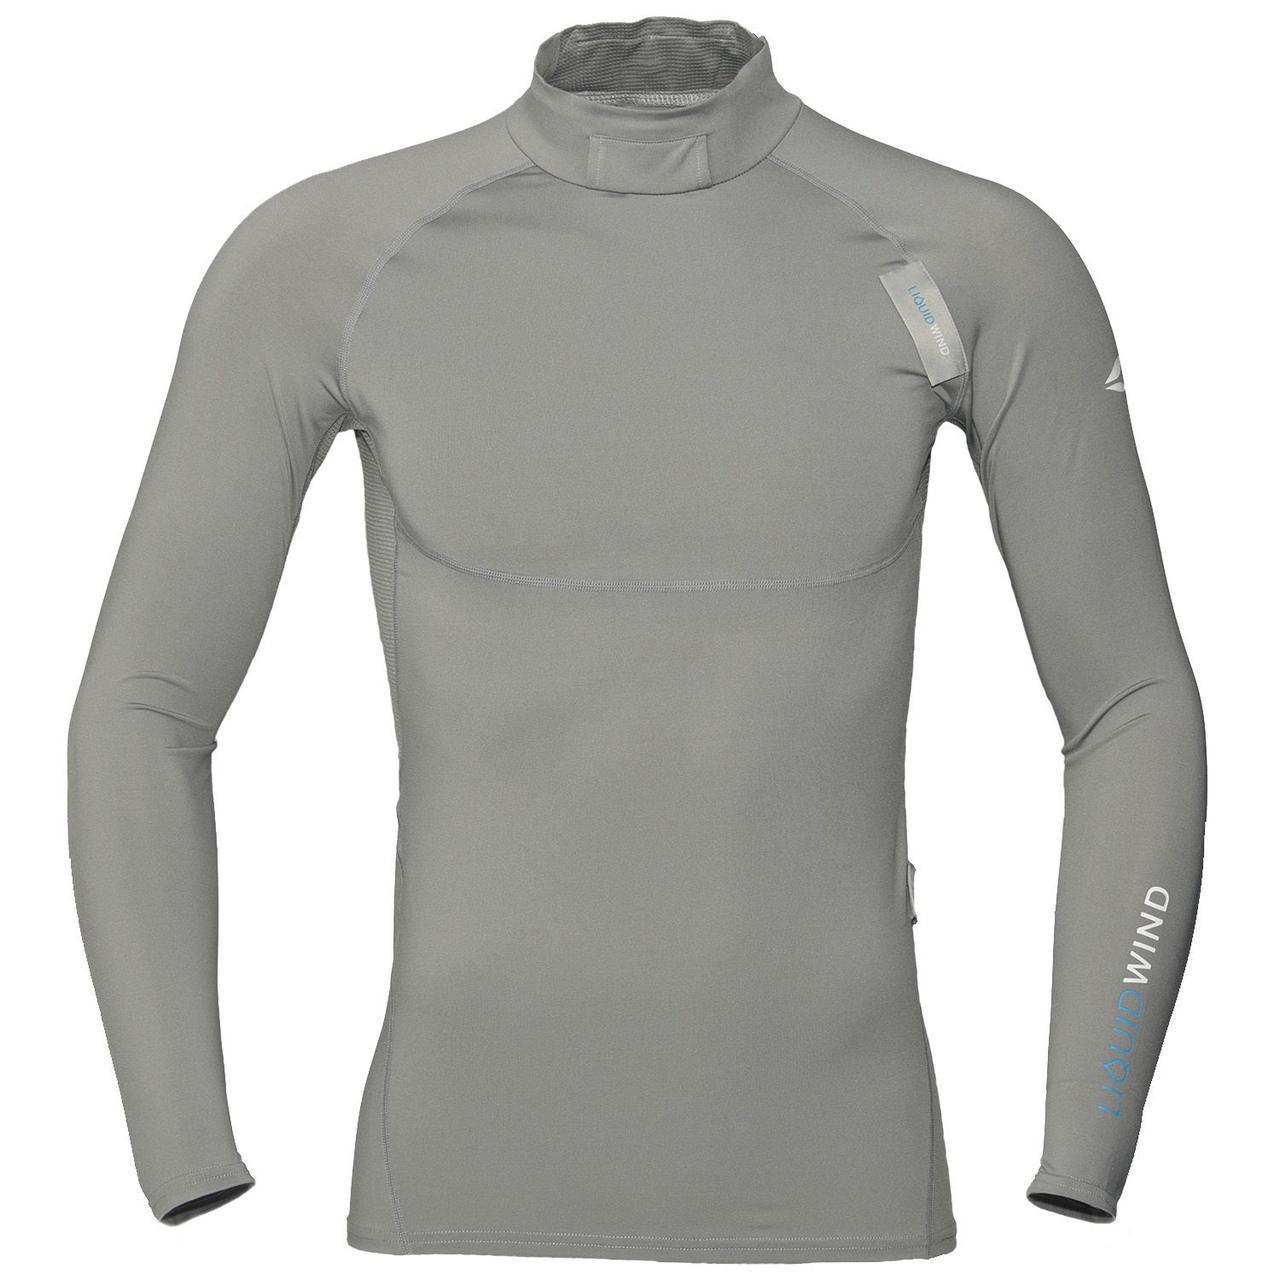 画像: アールエスタイチ/RSU500 | リキッドウインド アンダーシャツ メーカー希望小売価格:税込4,730円 サイズ:S・M・L・XL